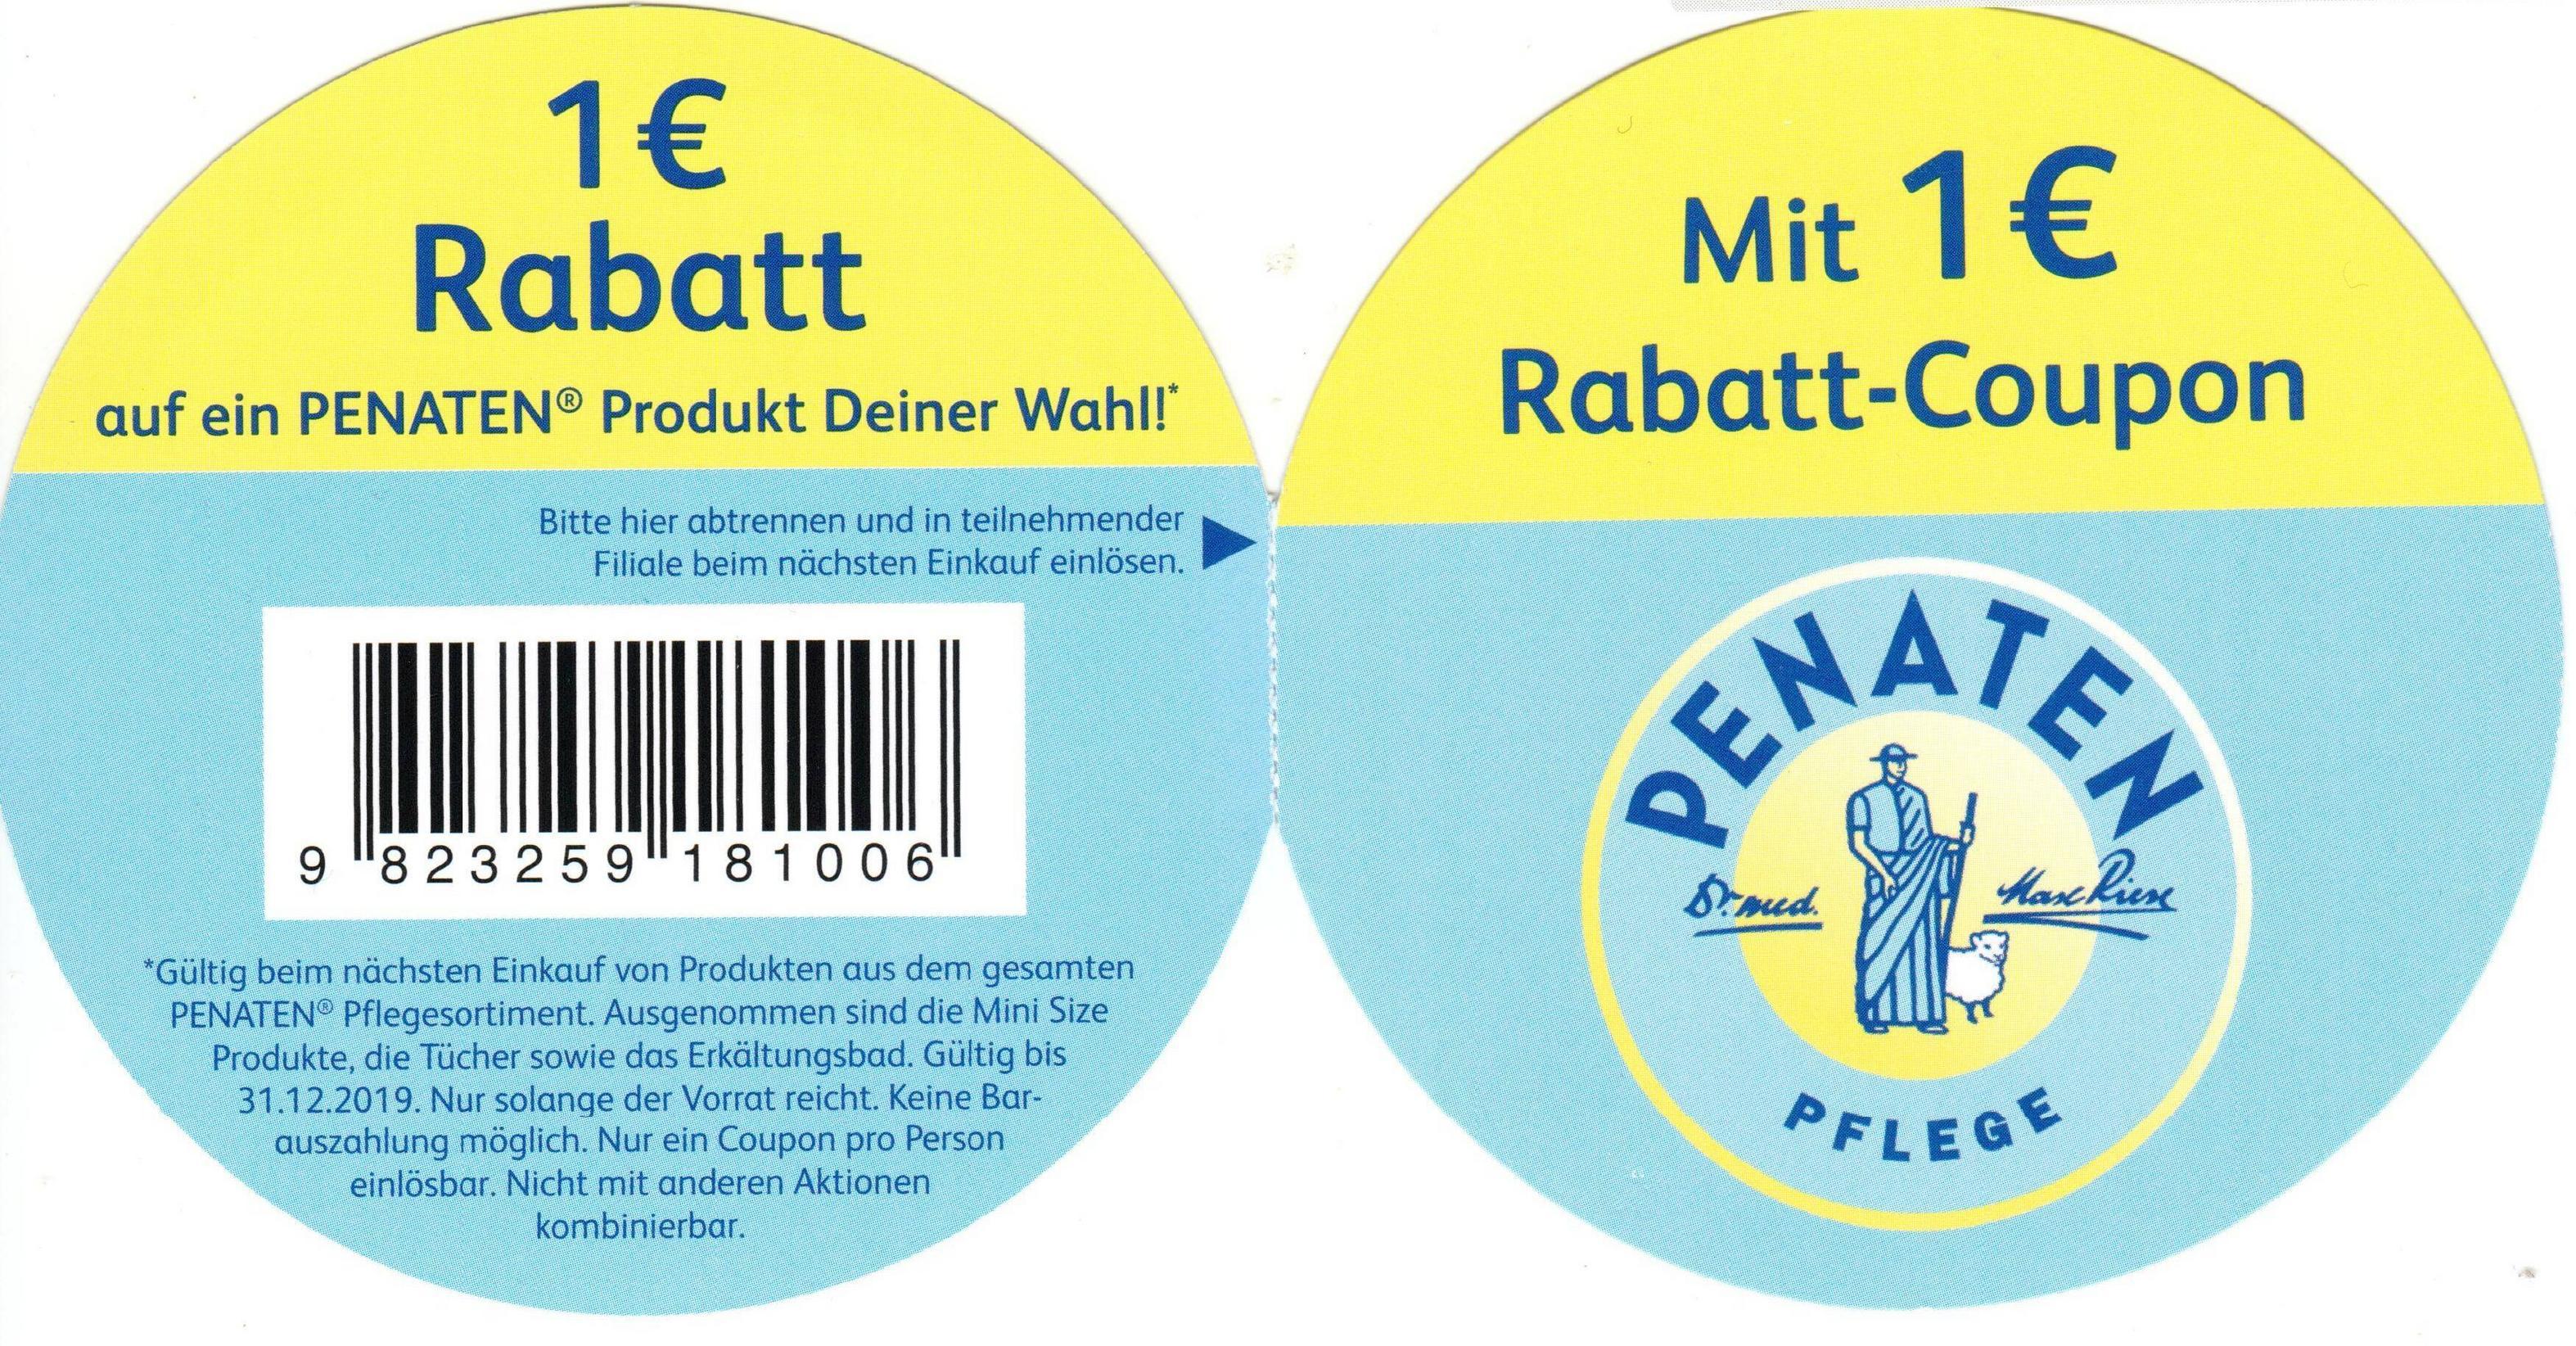 1€ Sofort-Rabatt Coupon für den Kauf von einem Penaten Produkt nach Wahl [bundesweit bis 31.12.2019]